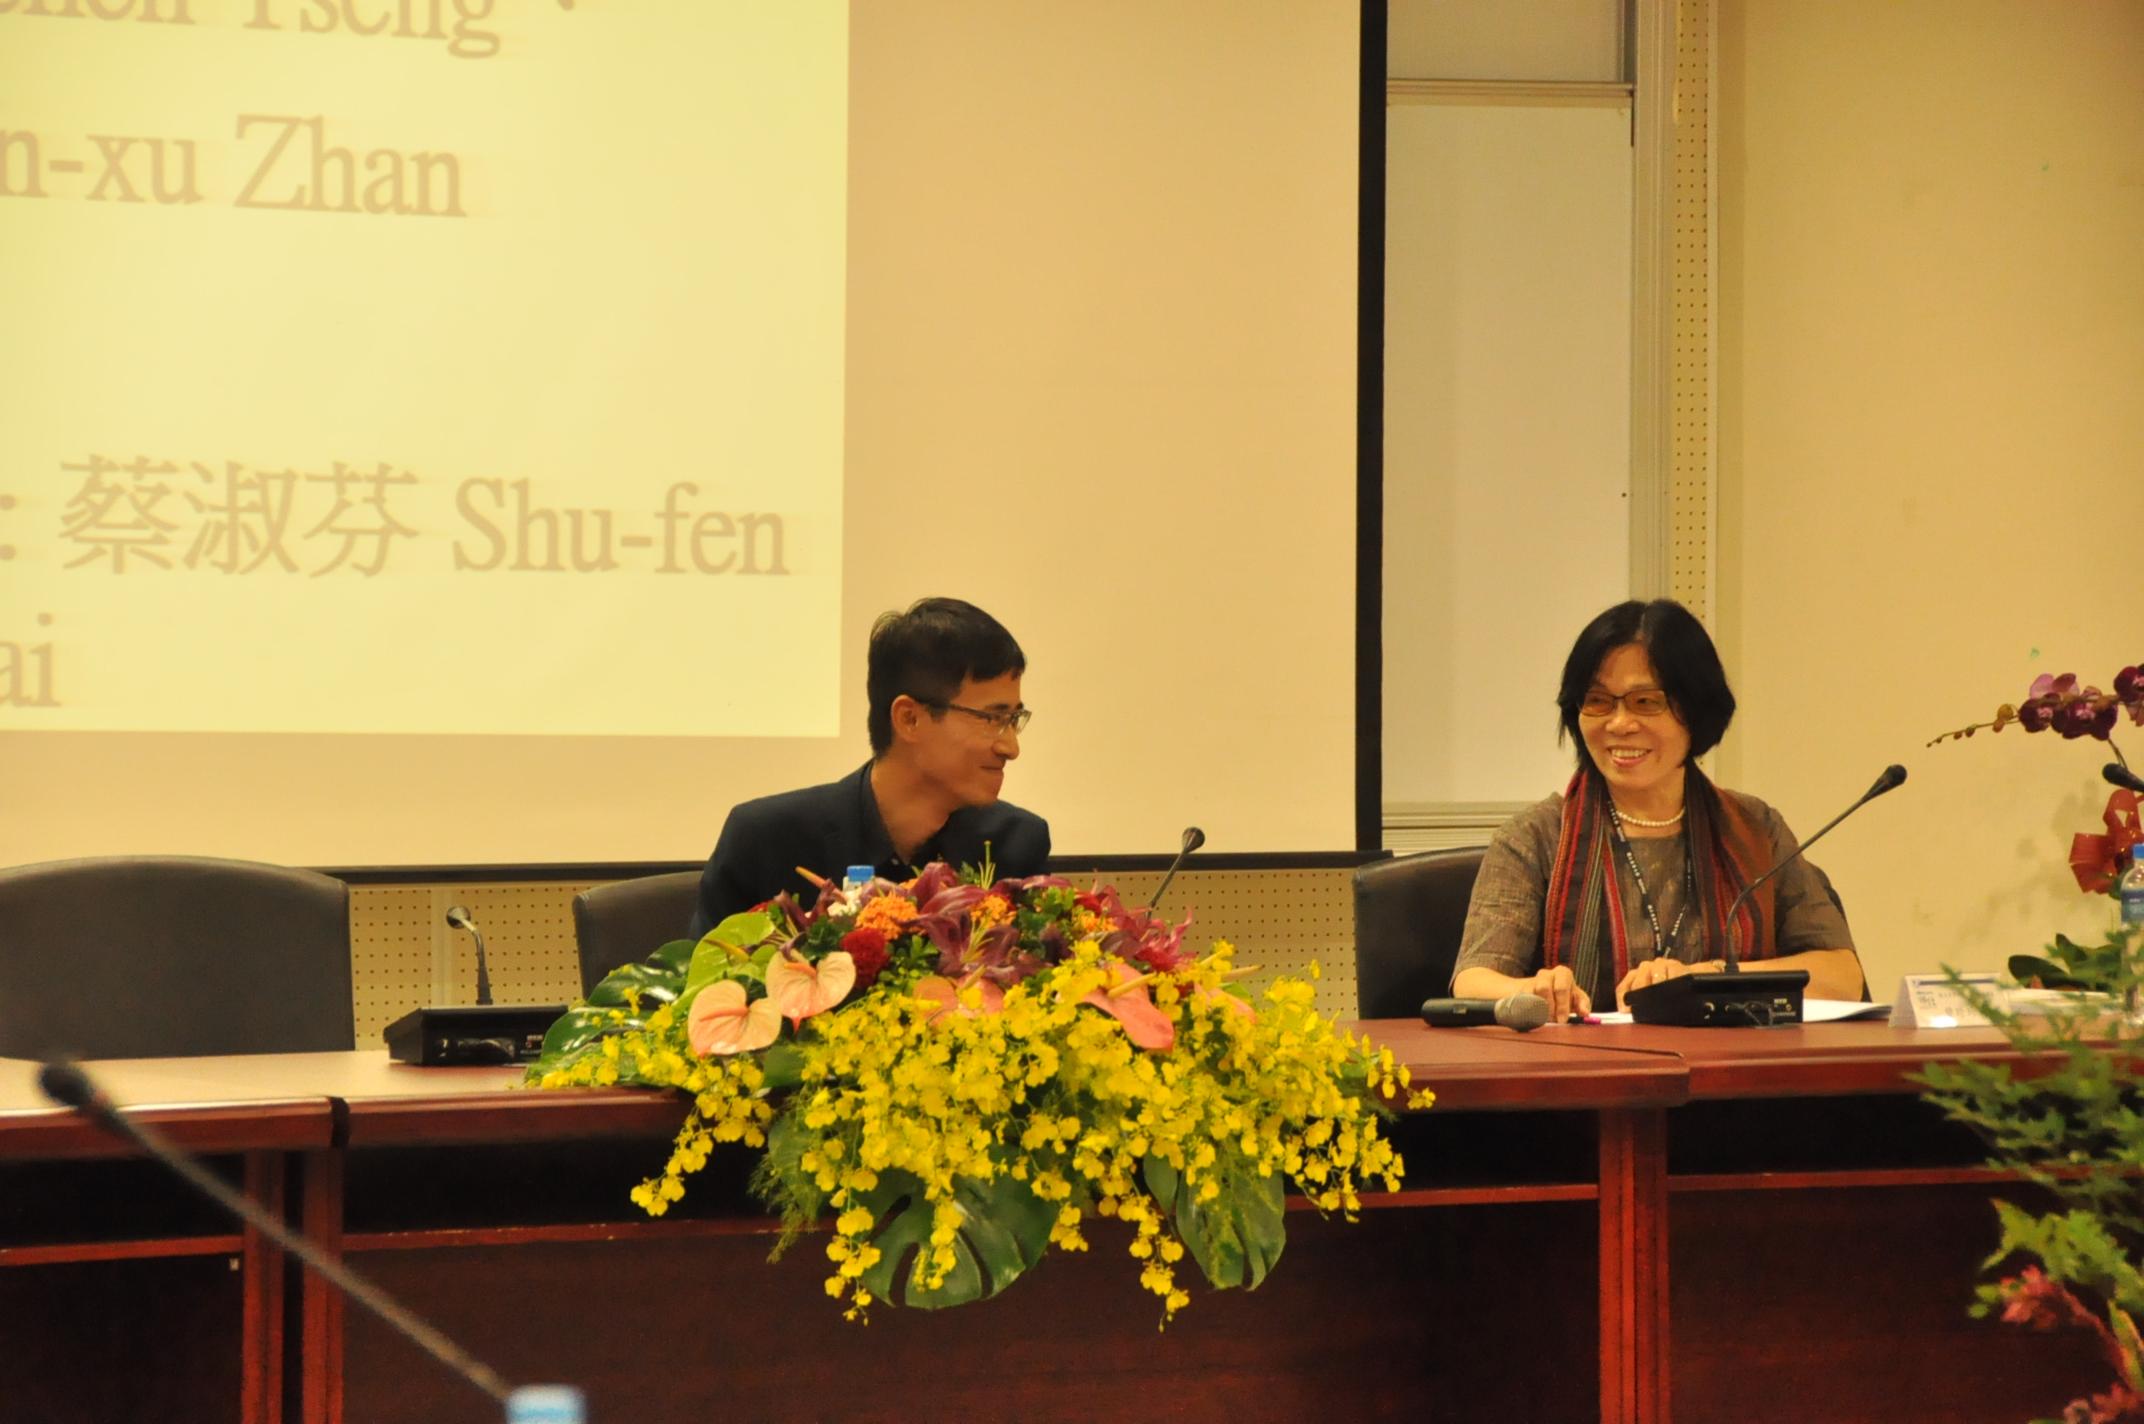 論文發表VI 詹閔旭(左)、曾珍珍(右)